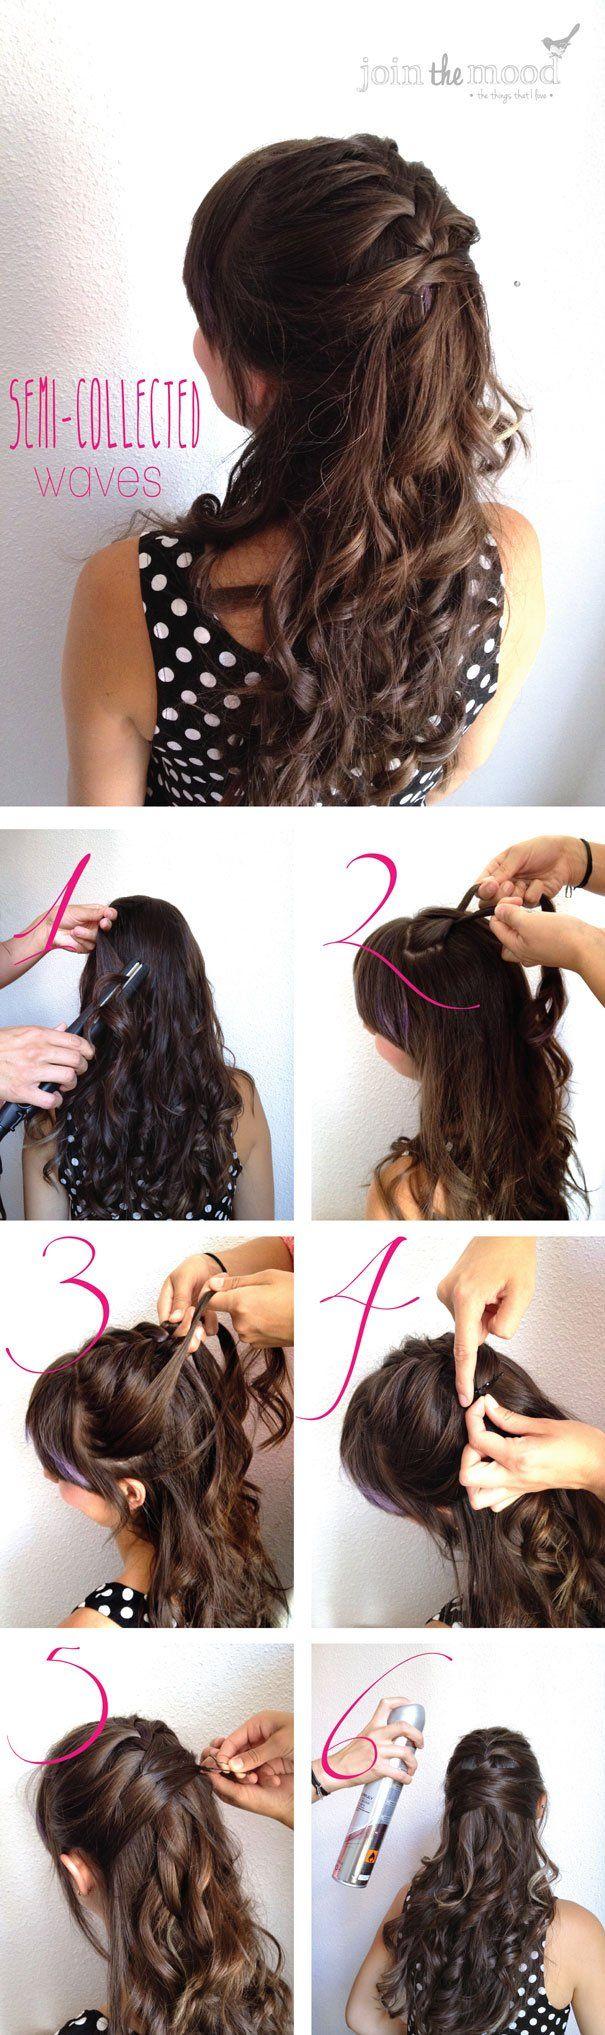 Fashionable halfup halfdown hairstyles u hair tutorials for women